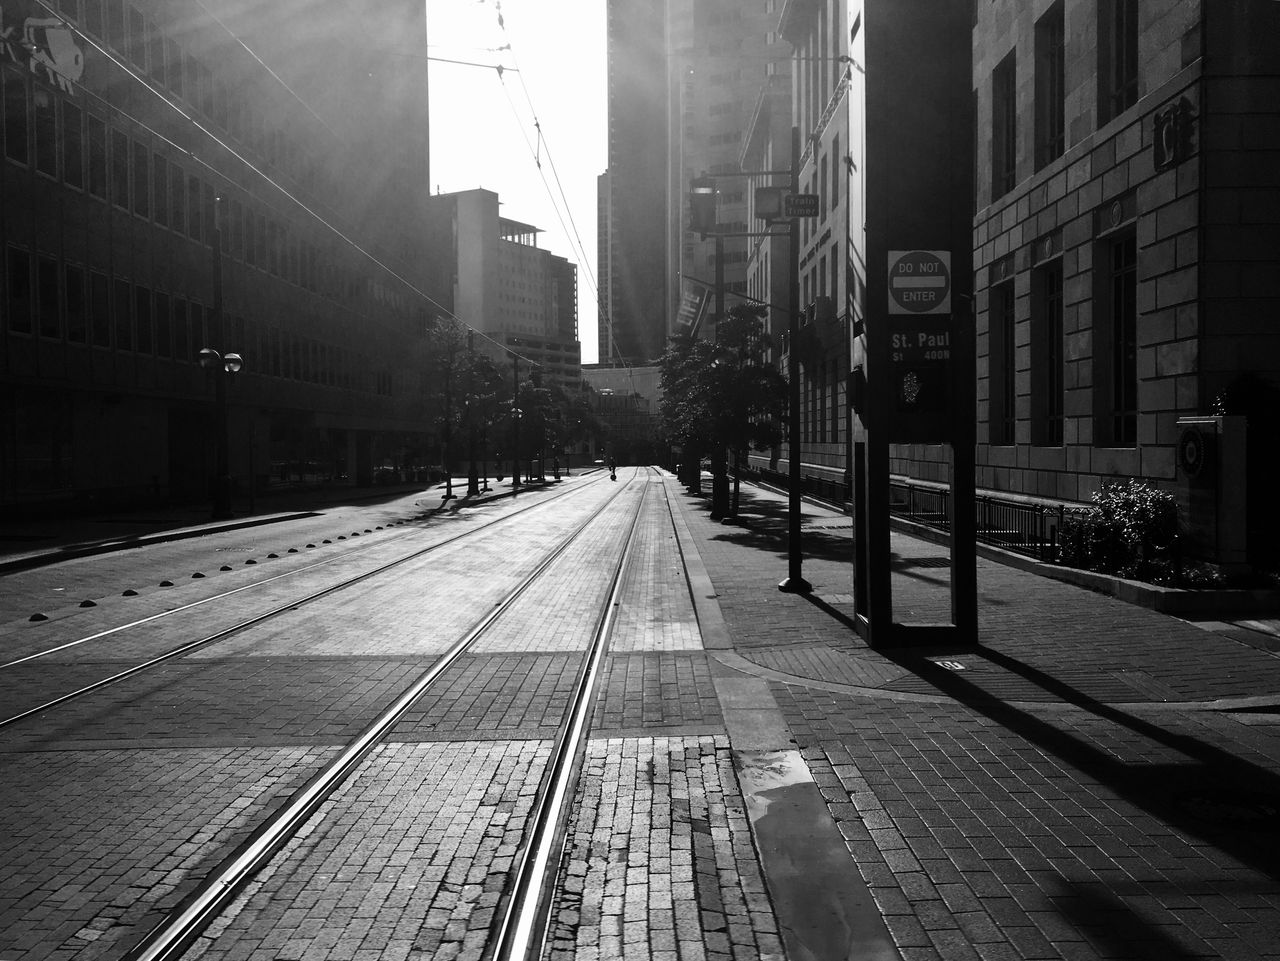 Railroad Tracks On City Street